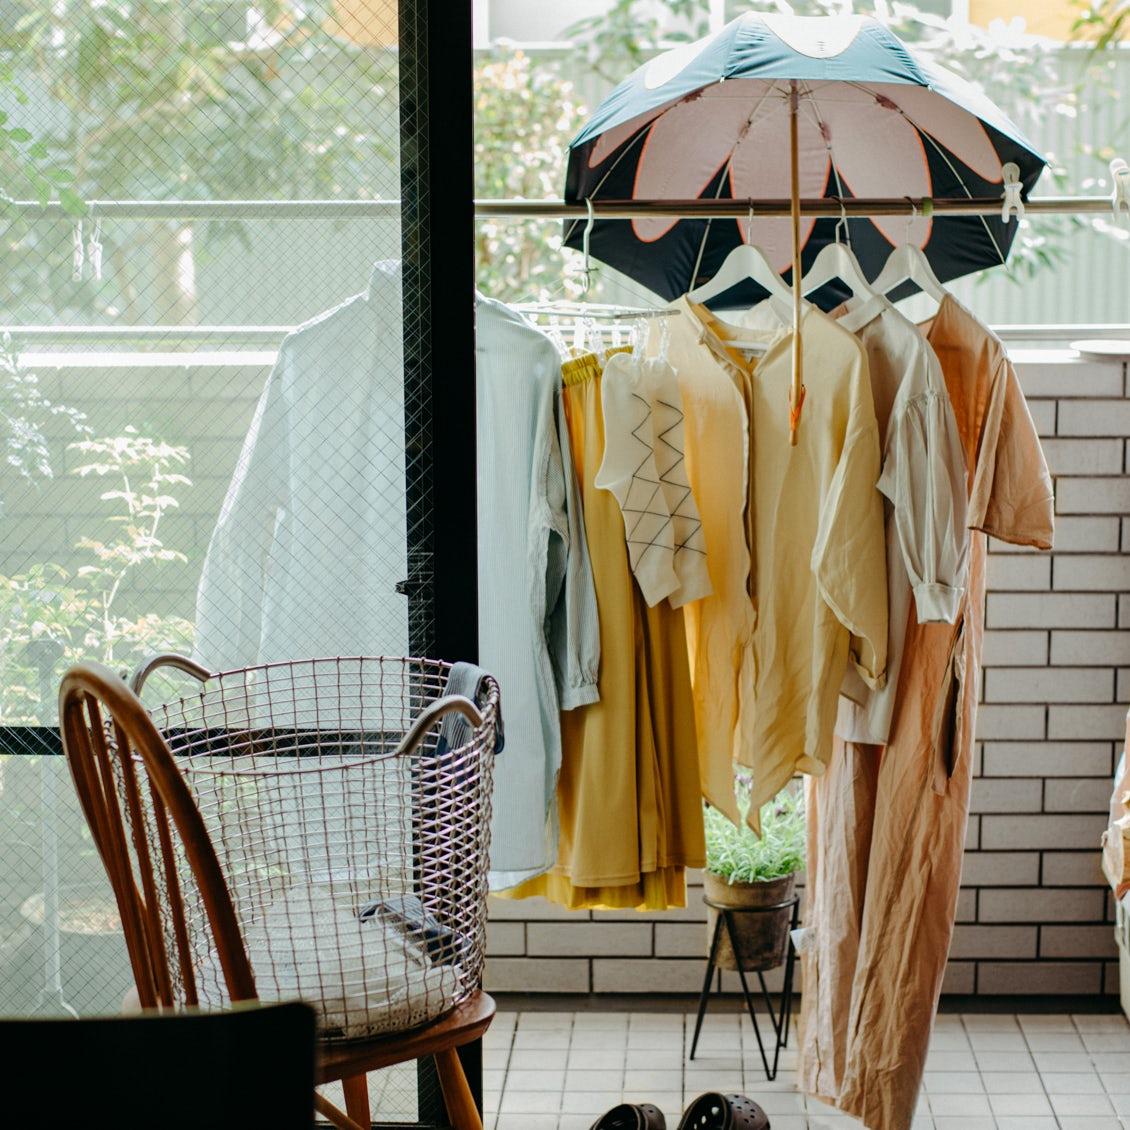 【趣味は、洗濯です。】ワンピースに、スカートに……今日は、おしゃれ着の洗濯日和。